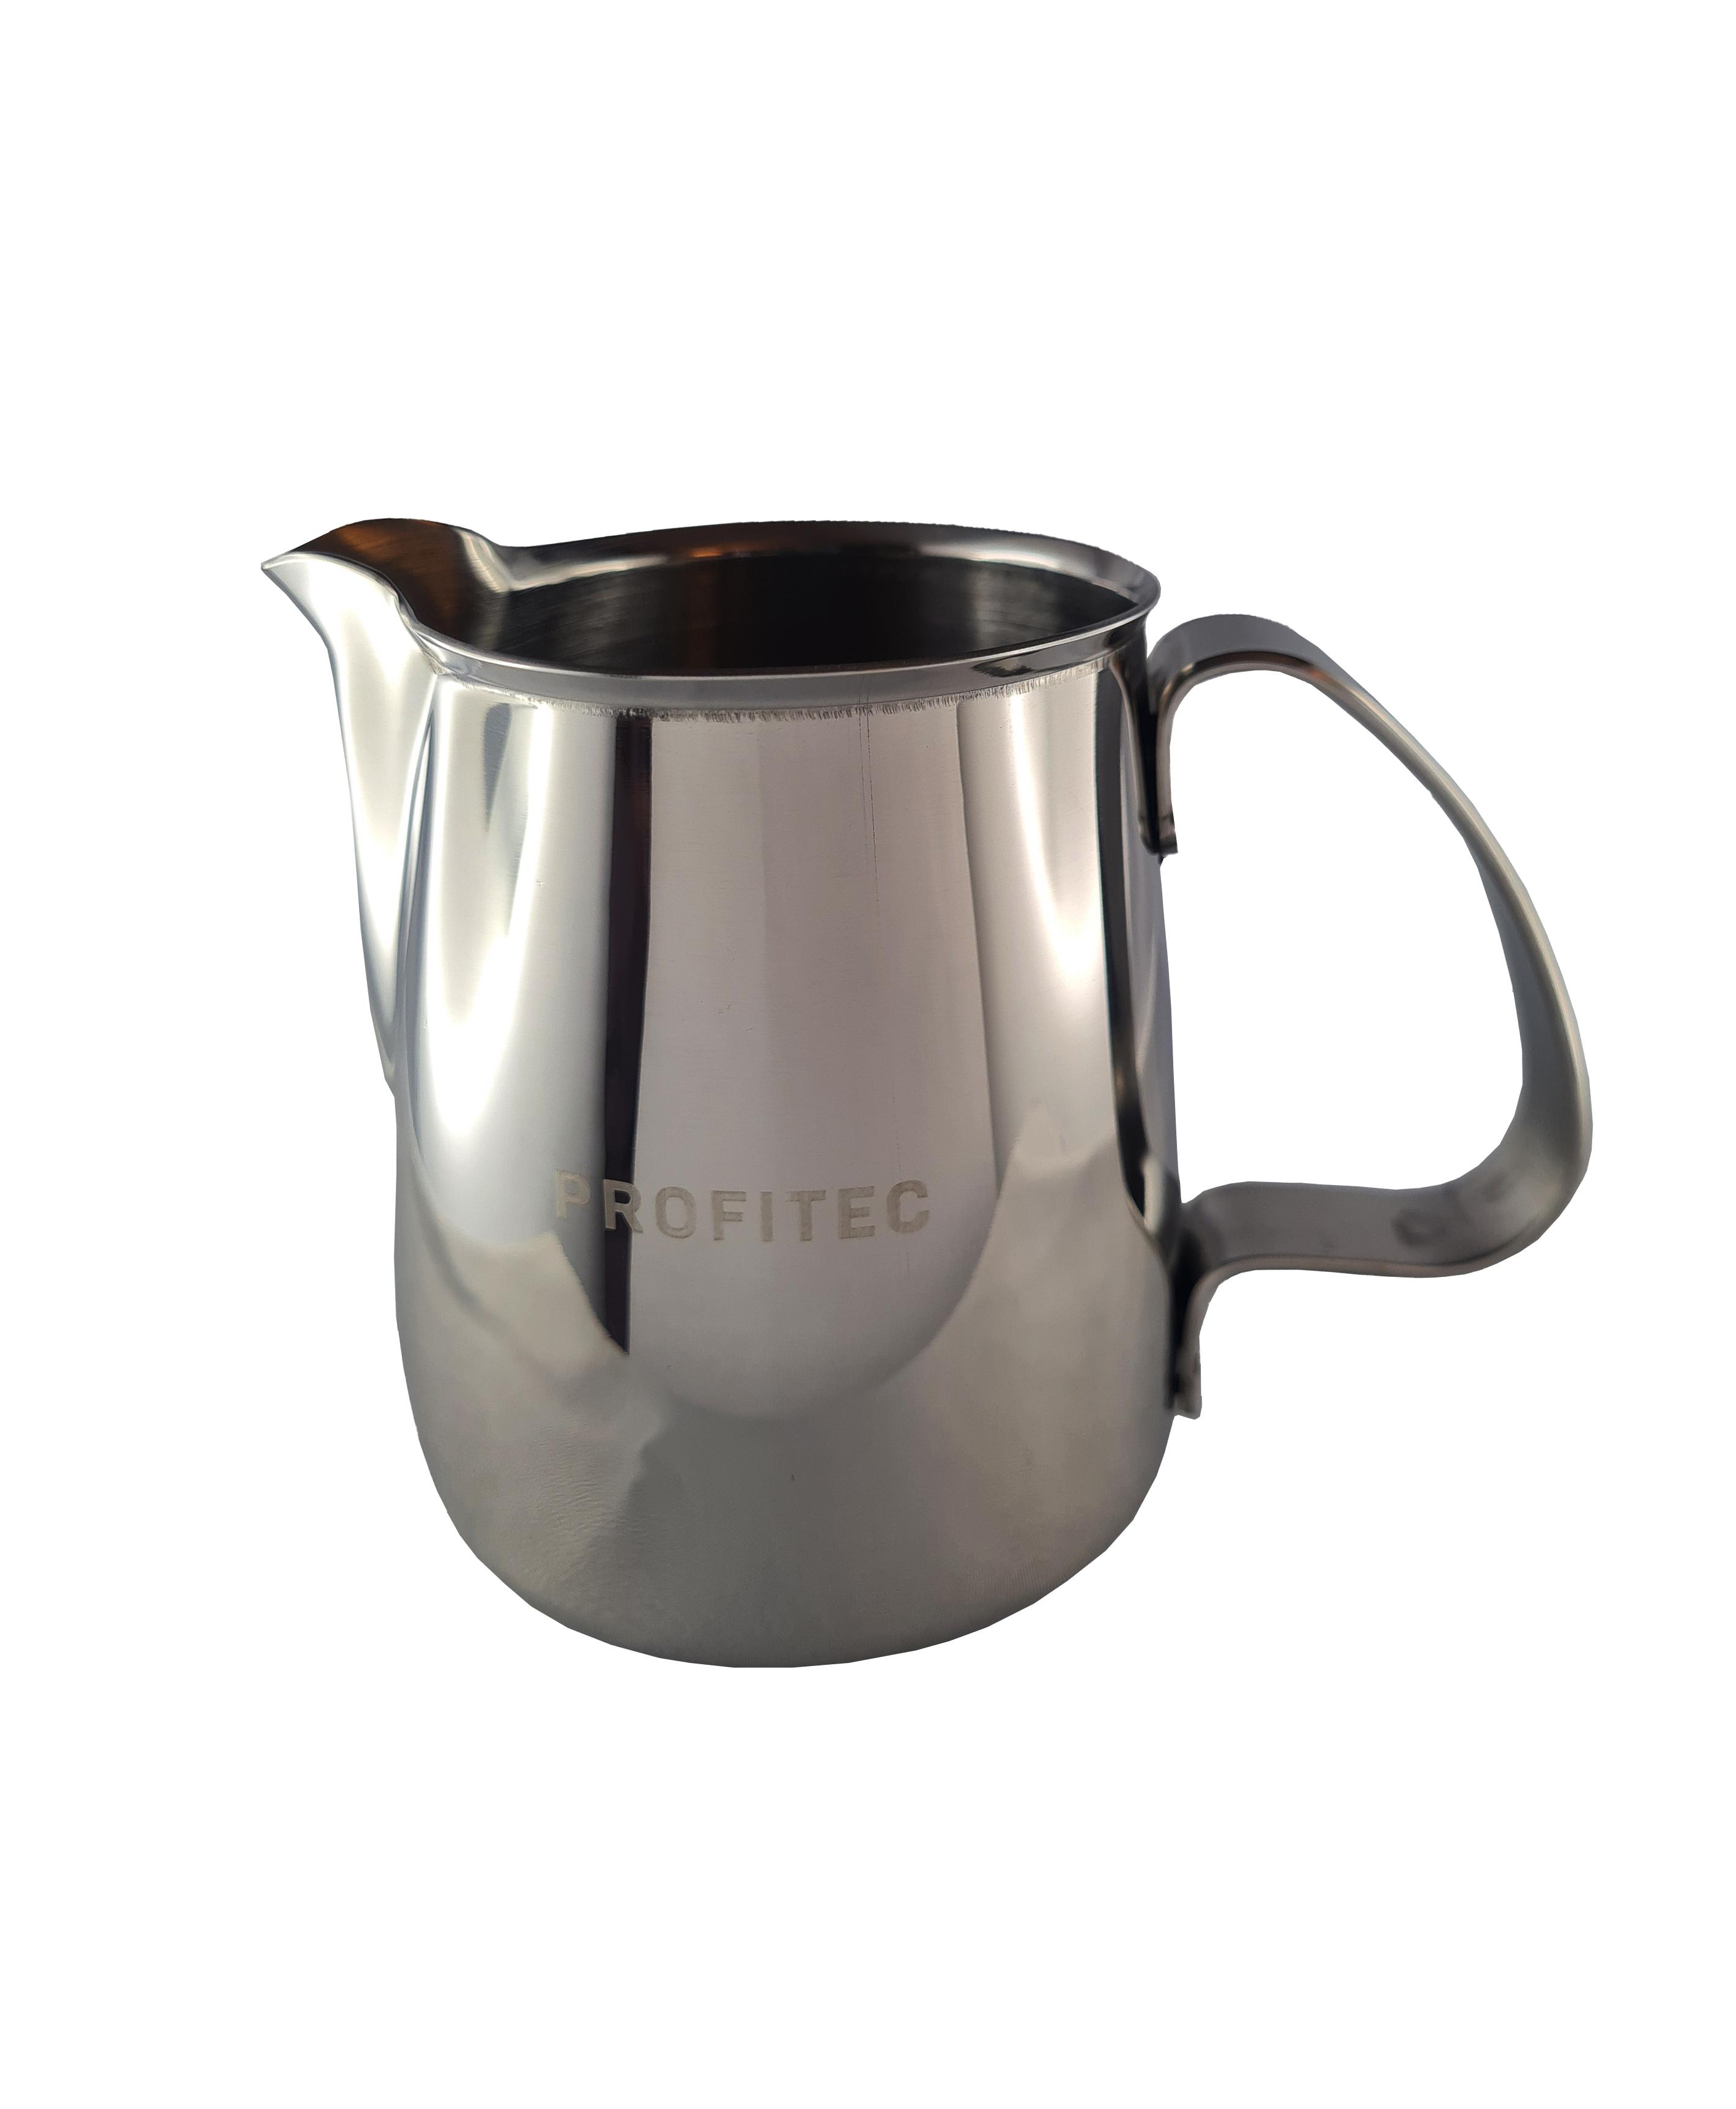 Profitec Milchkännchen 350 ml